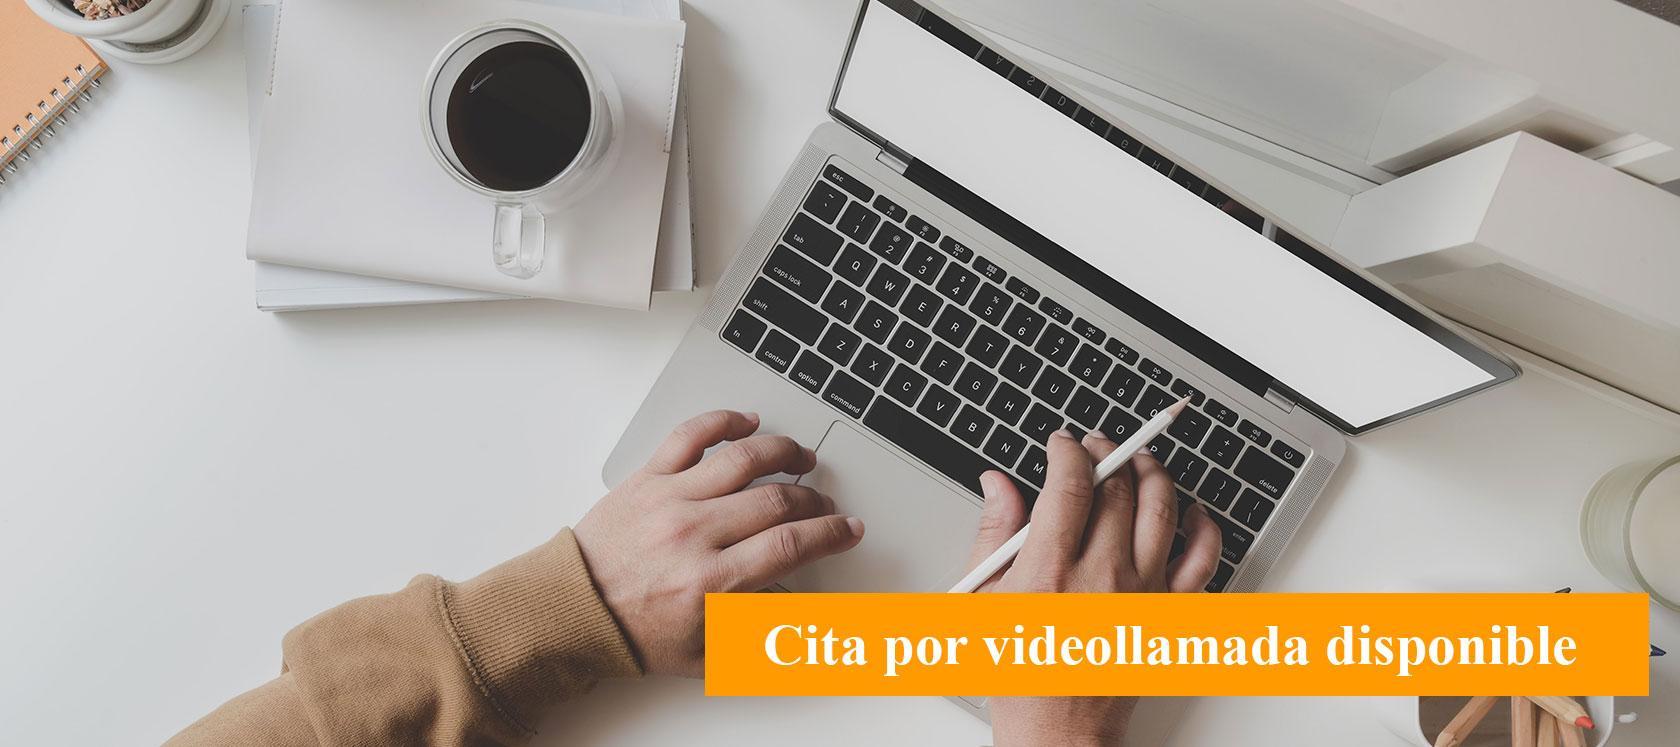 Pisos de obra nueva en Valladolid | Promoción Célere El Peral